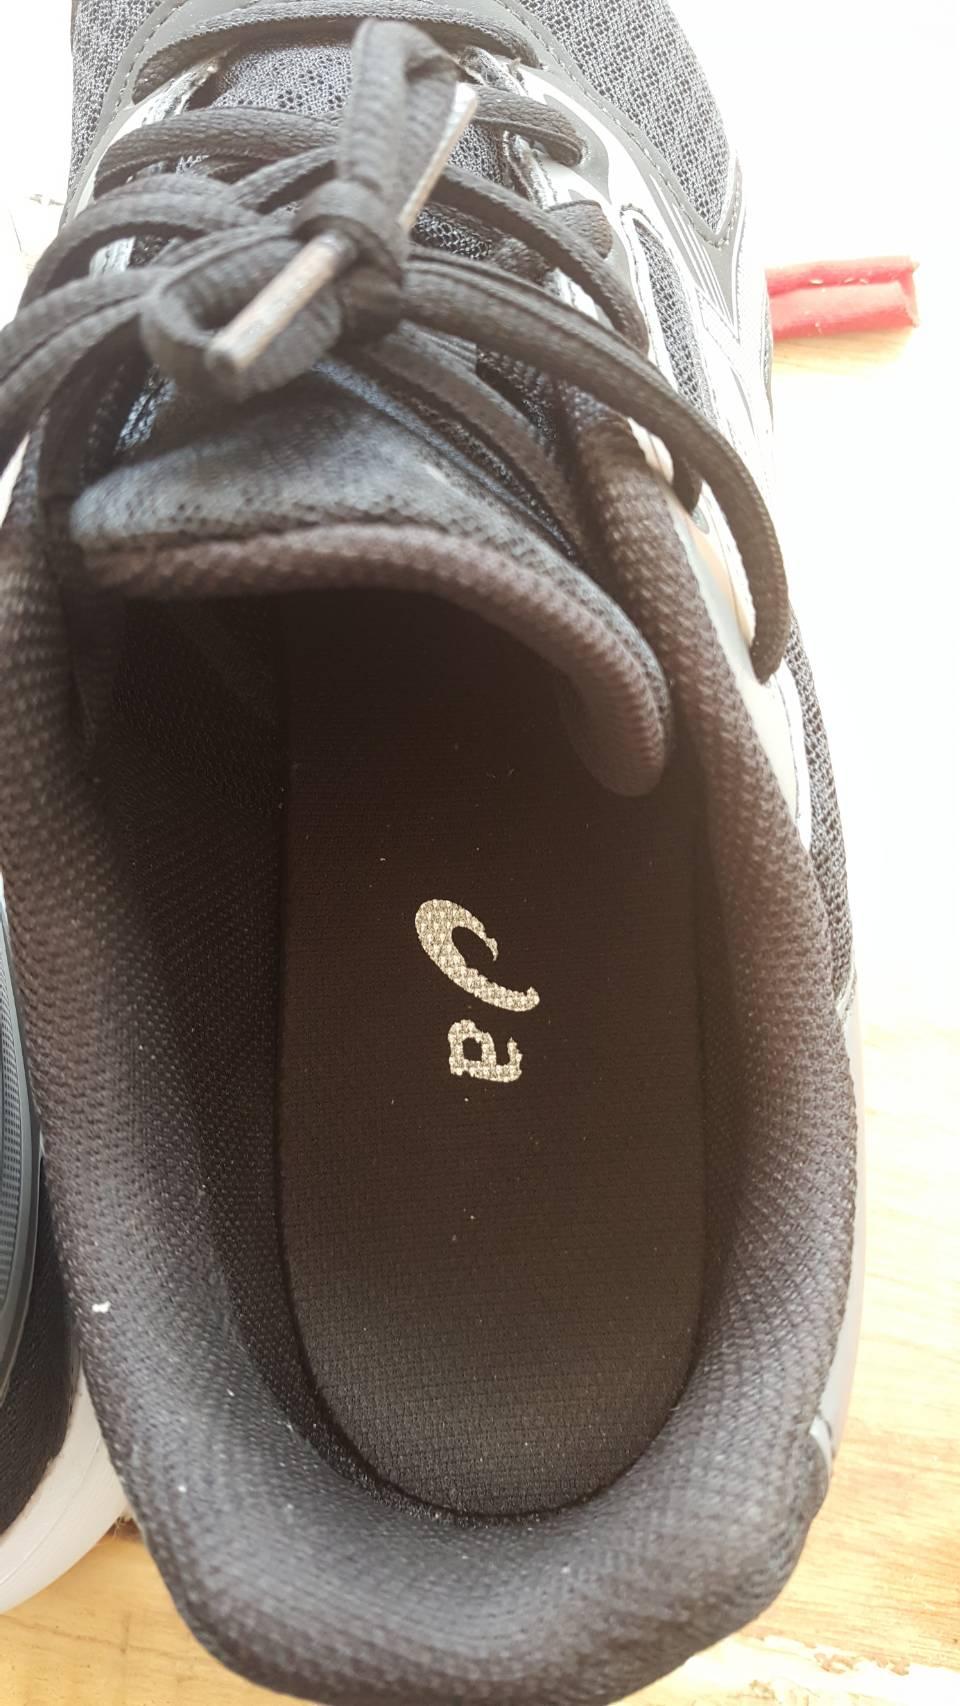 3578a821264922 พอดีผมเดินงาน Sports World Thailand ซื้อรองเท้ายีห้อ a มา 2 คู่ ผม กับ แฟน  ของแฟนยังไม่เคยใส่นะครับ ส่วนของผม ใส่ได้แค่ 2 วันเอง  อยู่มันก็ลอกออกมาแบบนี้ ...